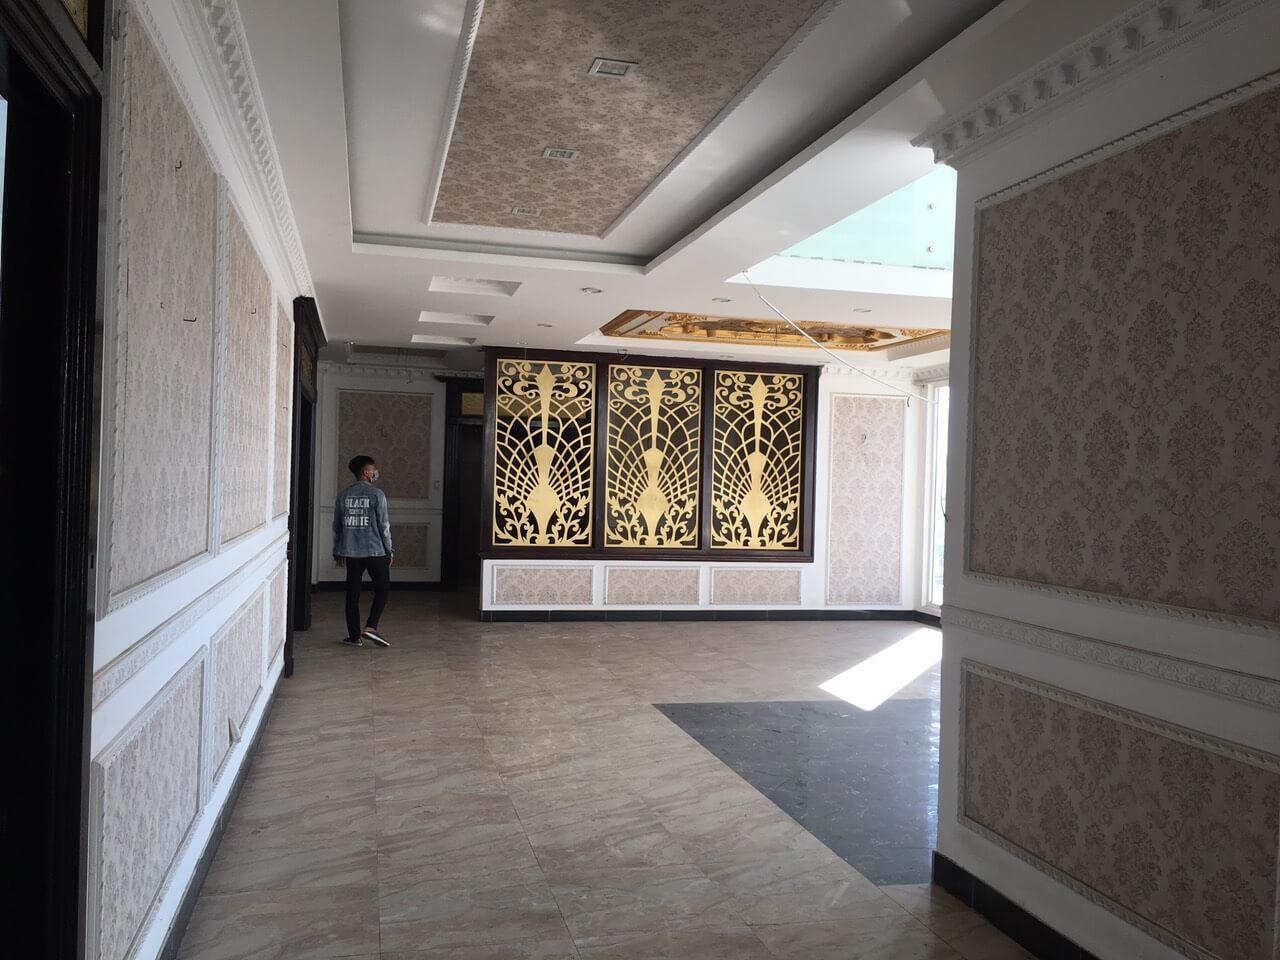 sảnh tòa nhà cho thuê Tp Đà Nẵng